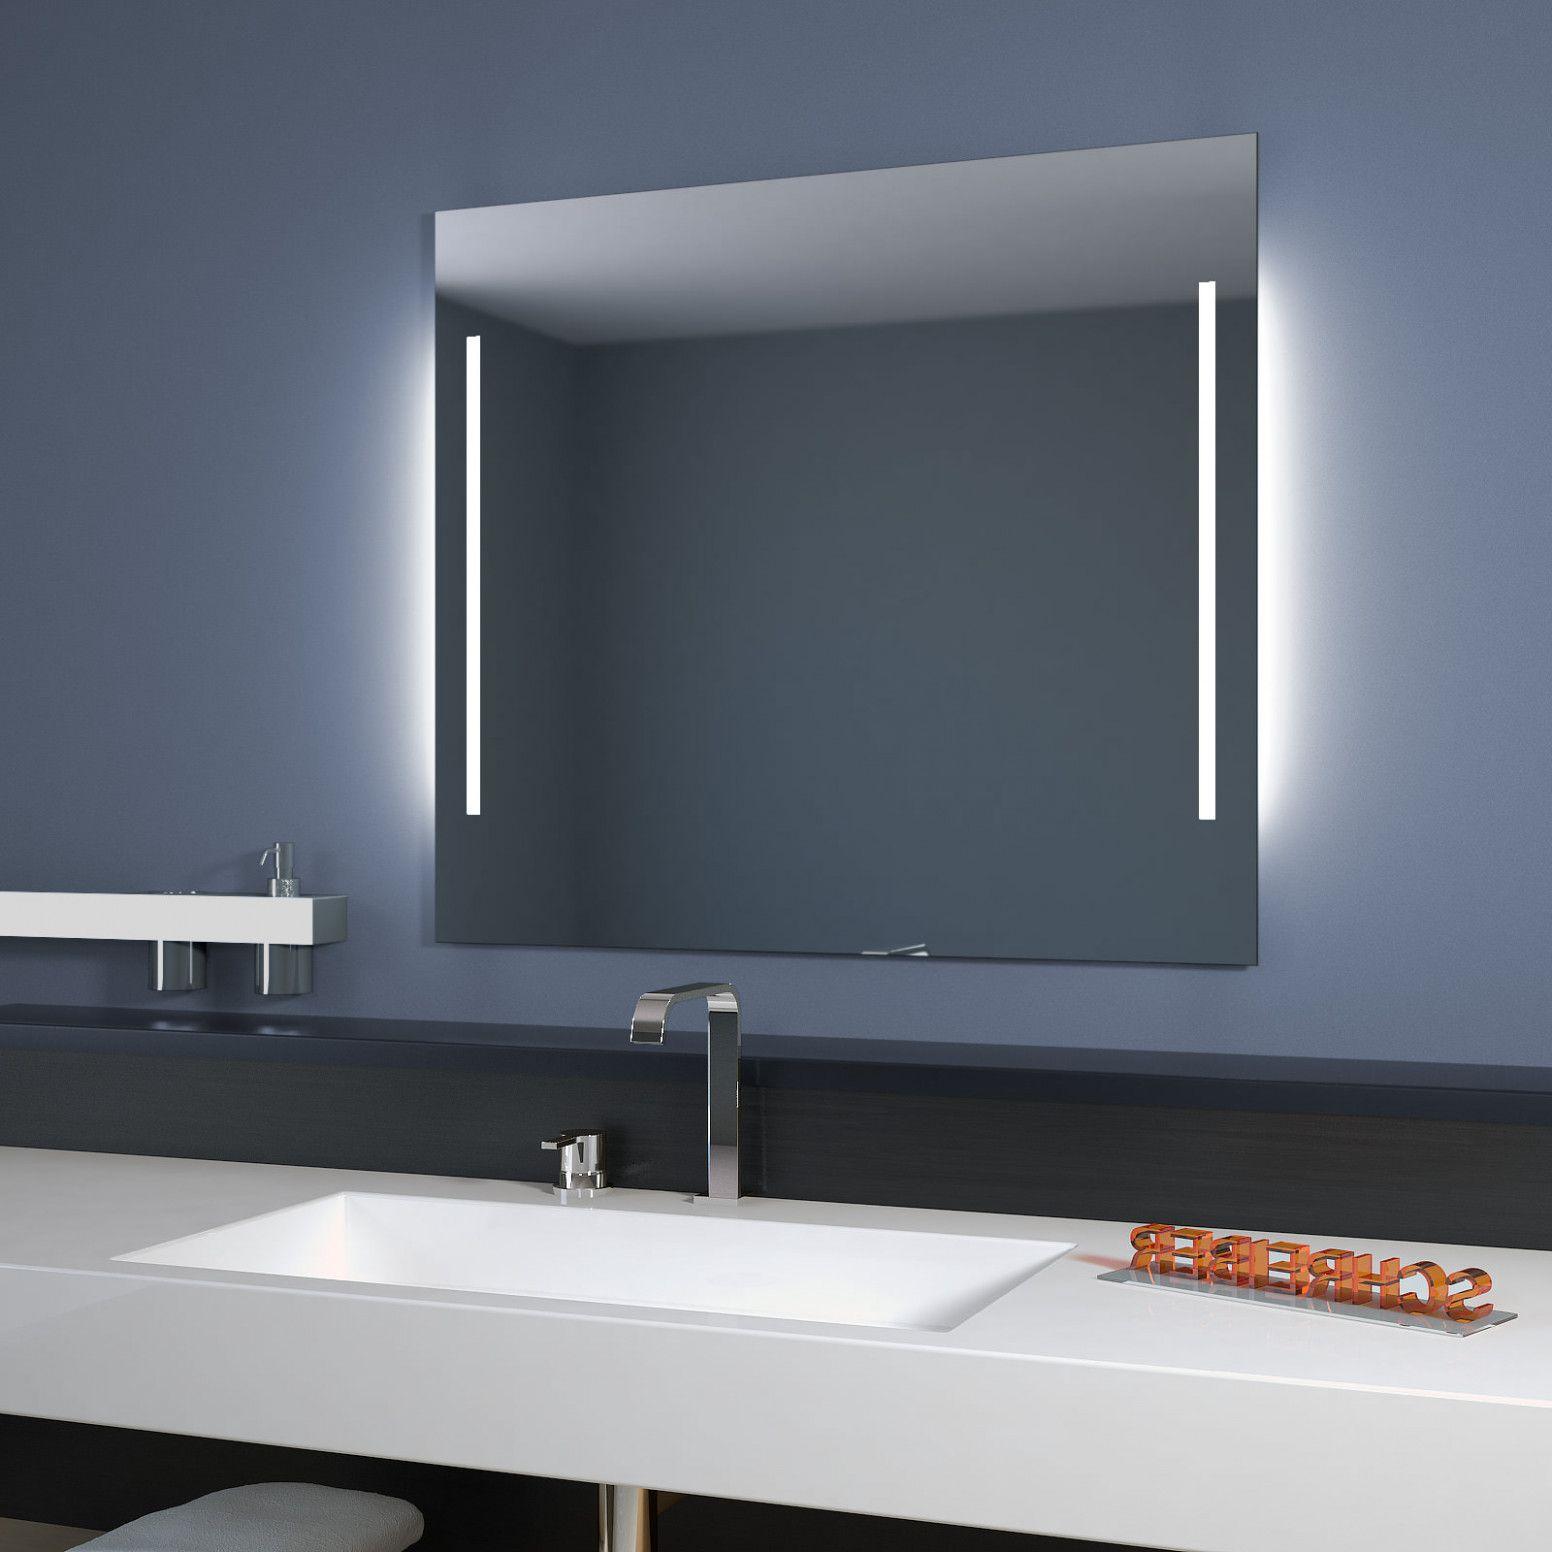 Die Zehn Schritte Die Notig Sind Um Den Badezimmerspiegel Zum